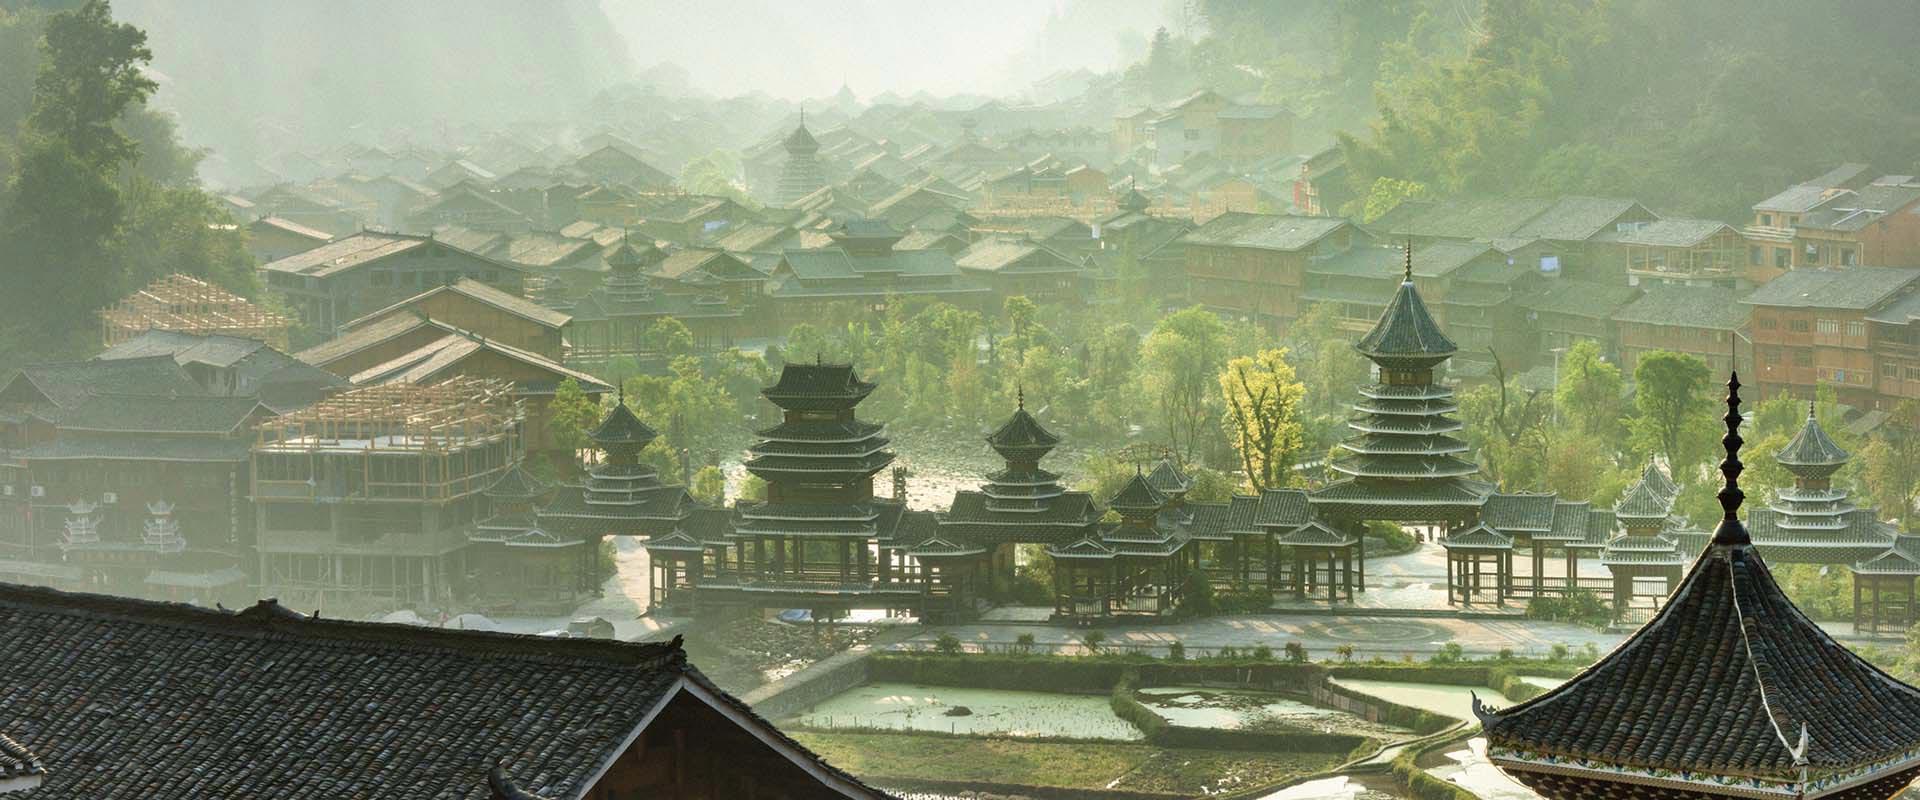 China Public Holidays 2020 - PublicHolidays cn